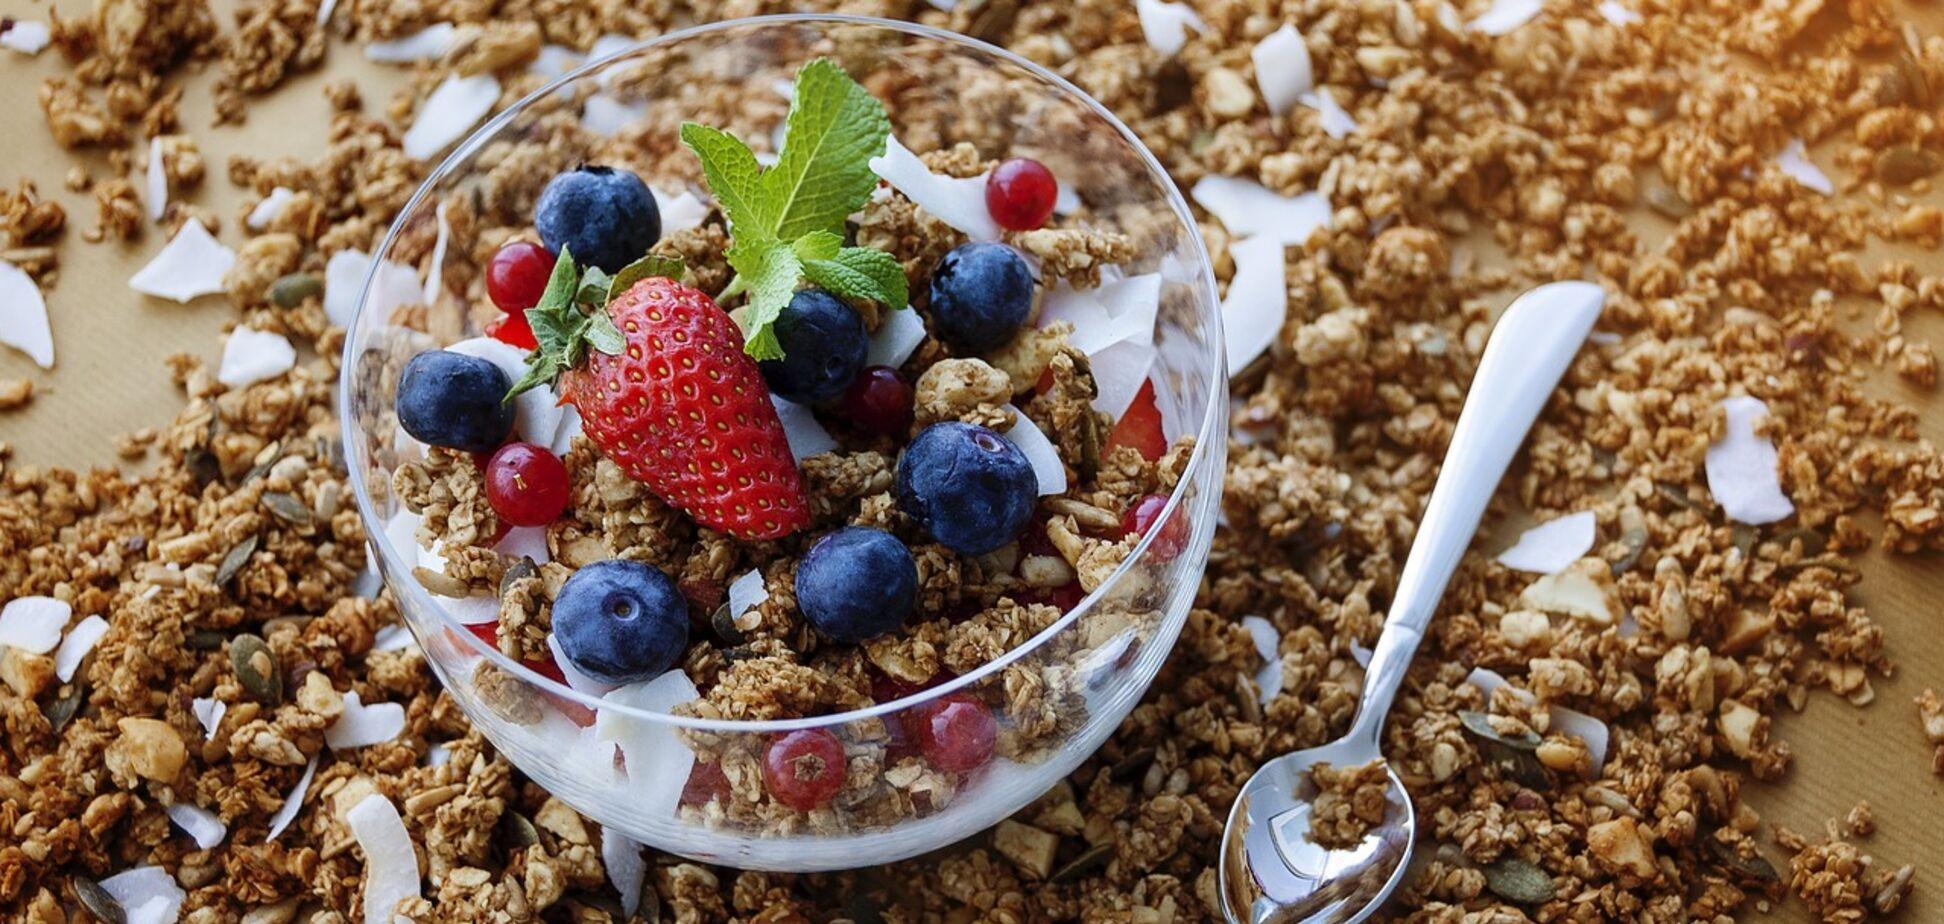 Ученые назвали продукт, который снижает риск диабета